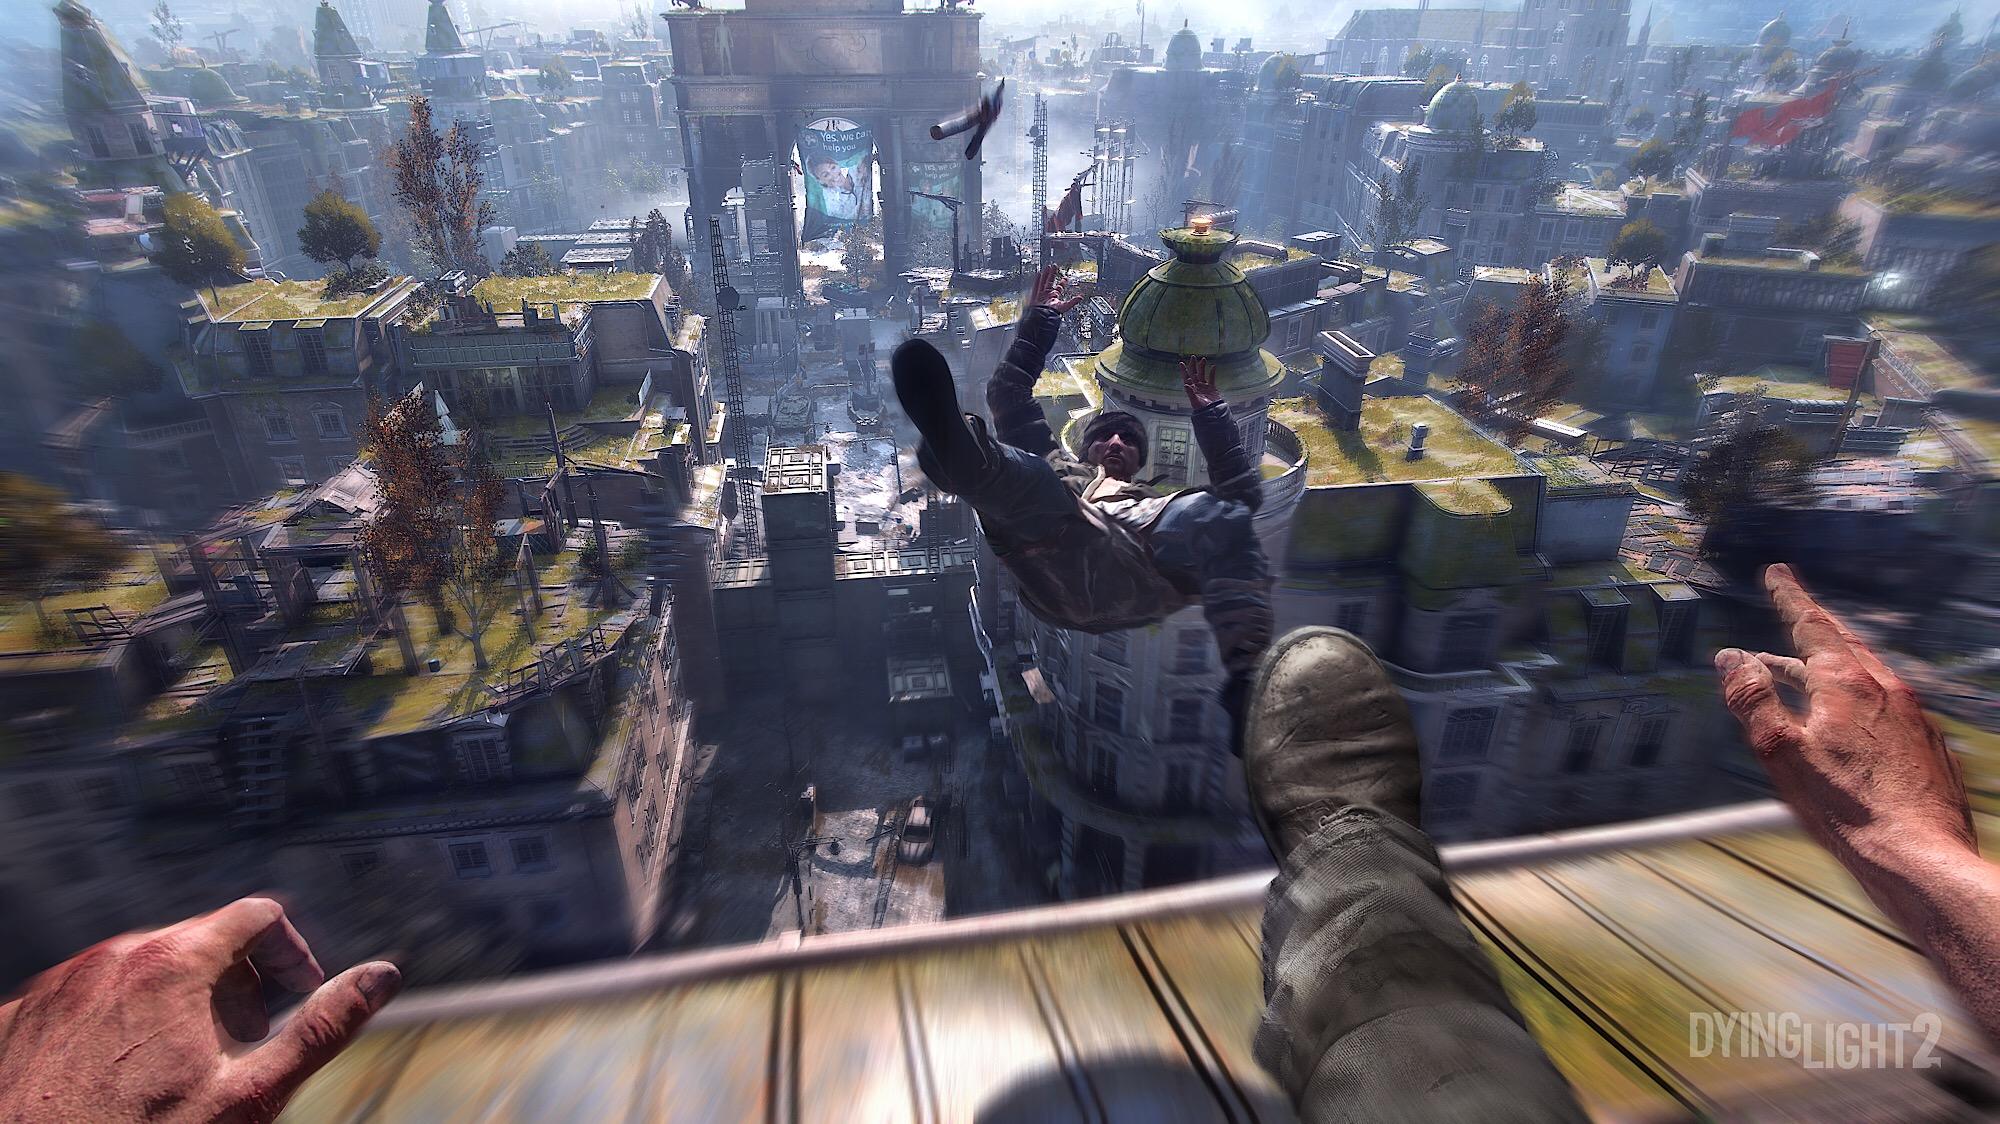 Dying Light 2 First Screenshots